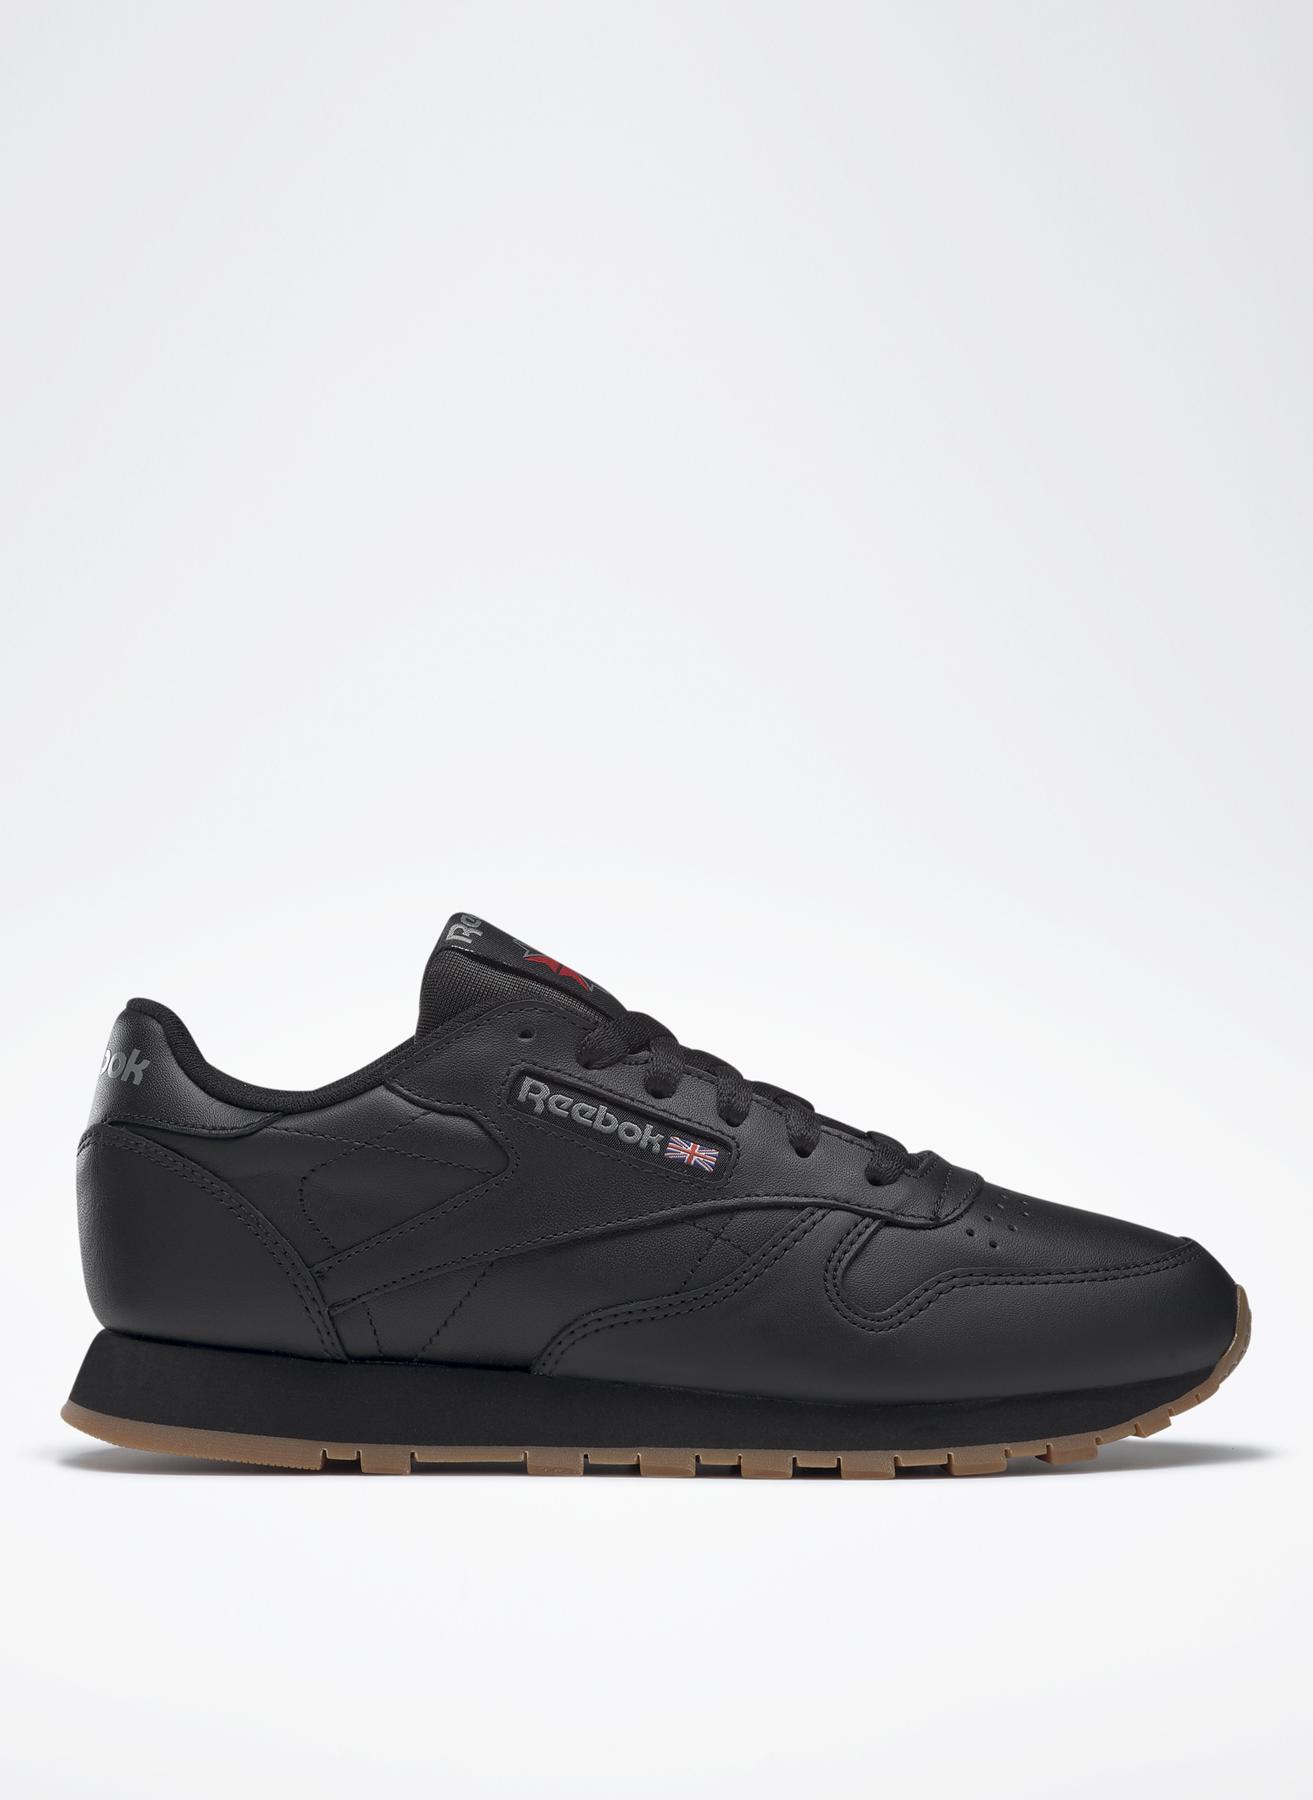 Reebok Classic Leather Lıfestyle Ayakkabı 37.5 5000148172003 Ürün Resmi